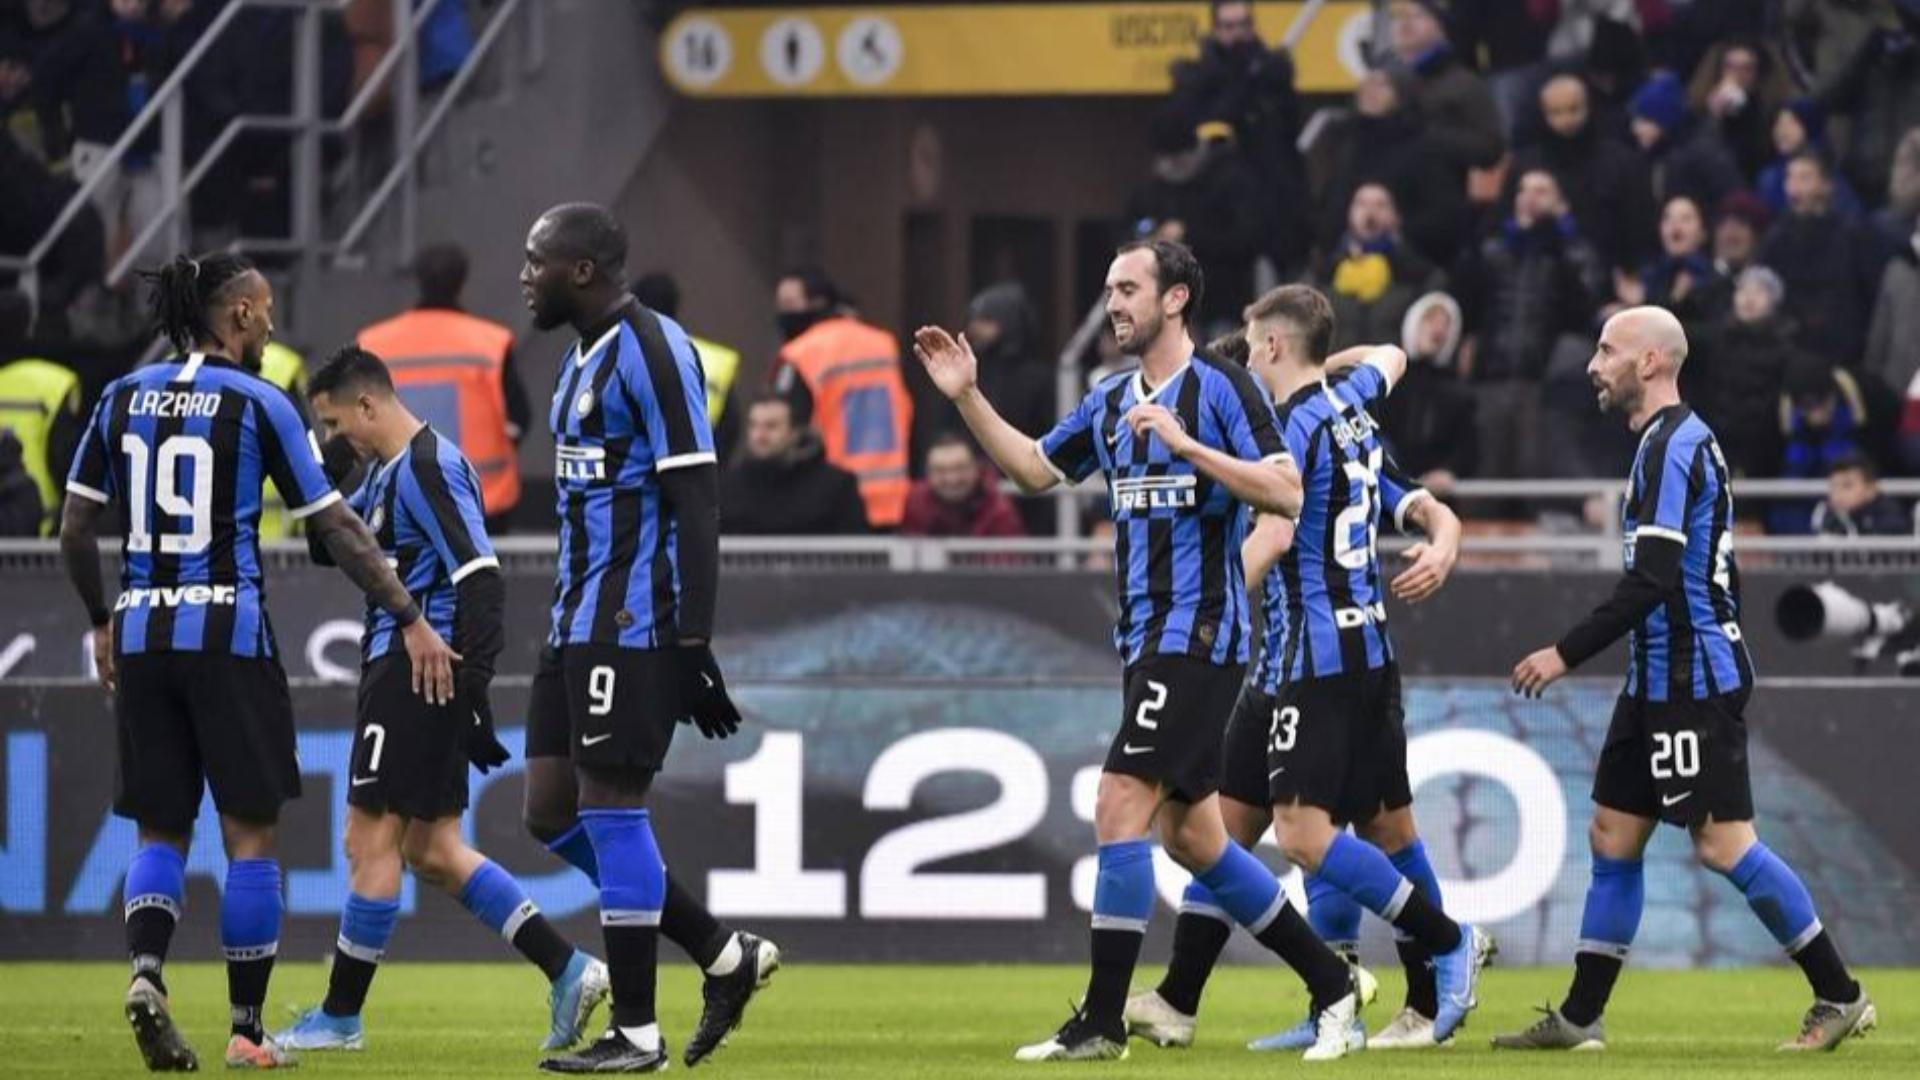 2019-2020赛季意大利杯1/8决赛 国际米兰vs卡利亚里 全场集锦